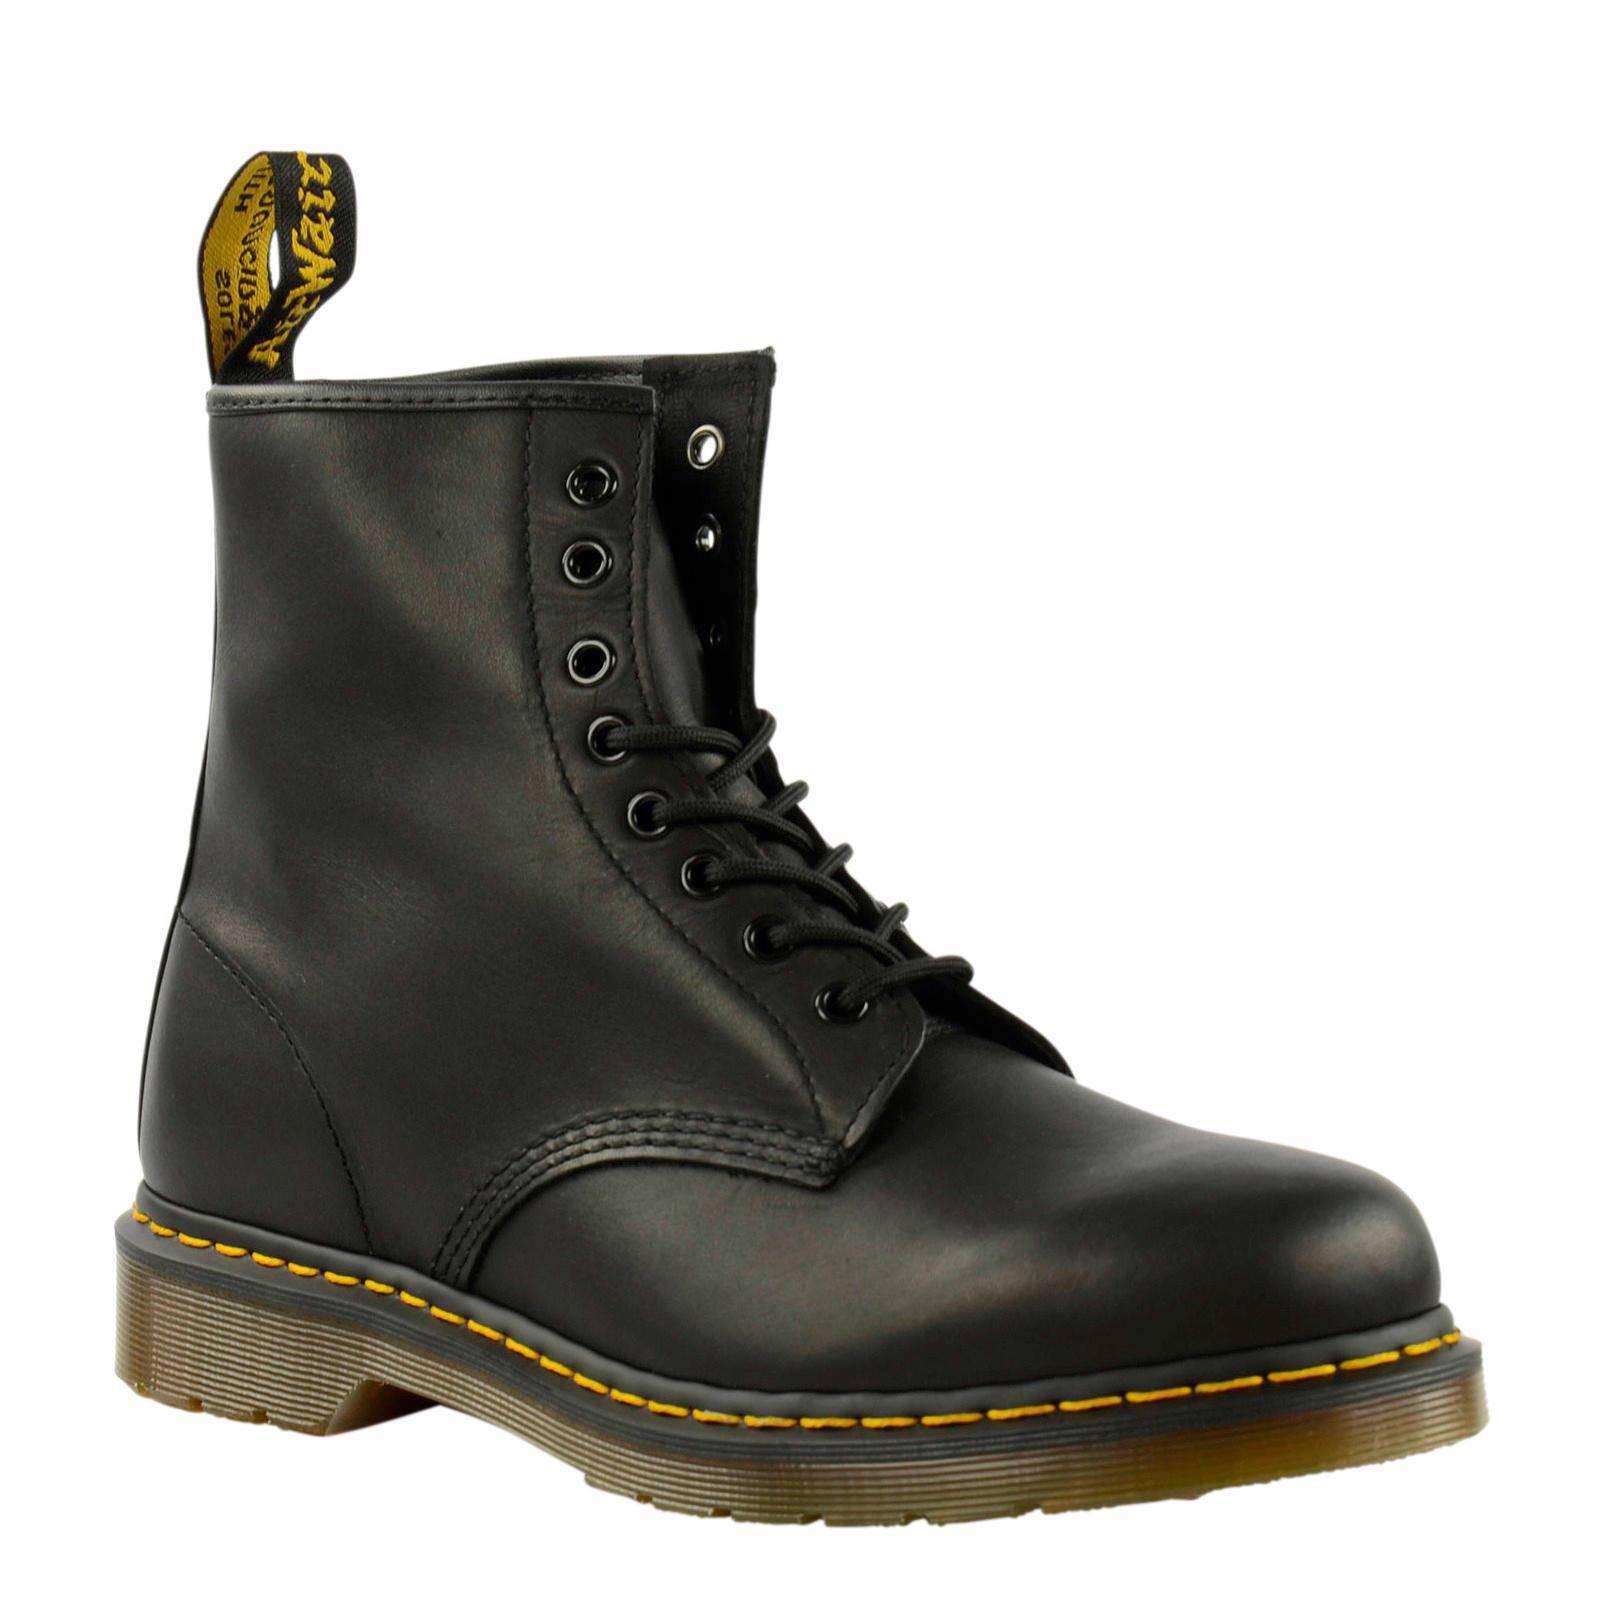 Dr. Martens 1460 8 eye boot leren veterboots | wehkamp